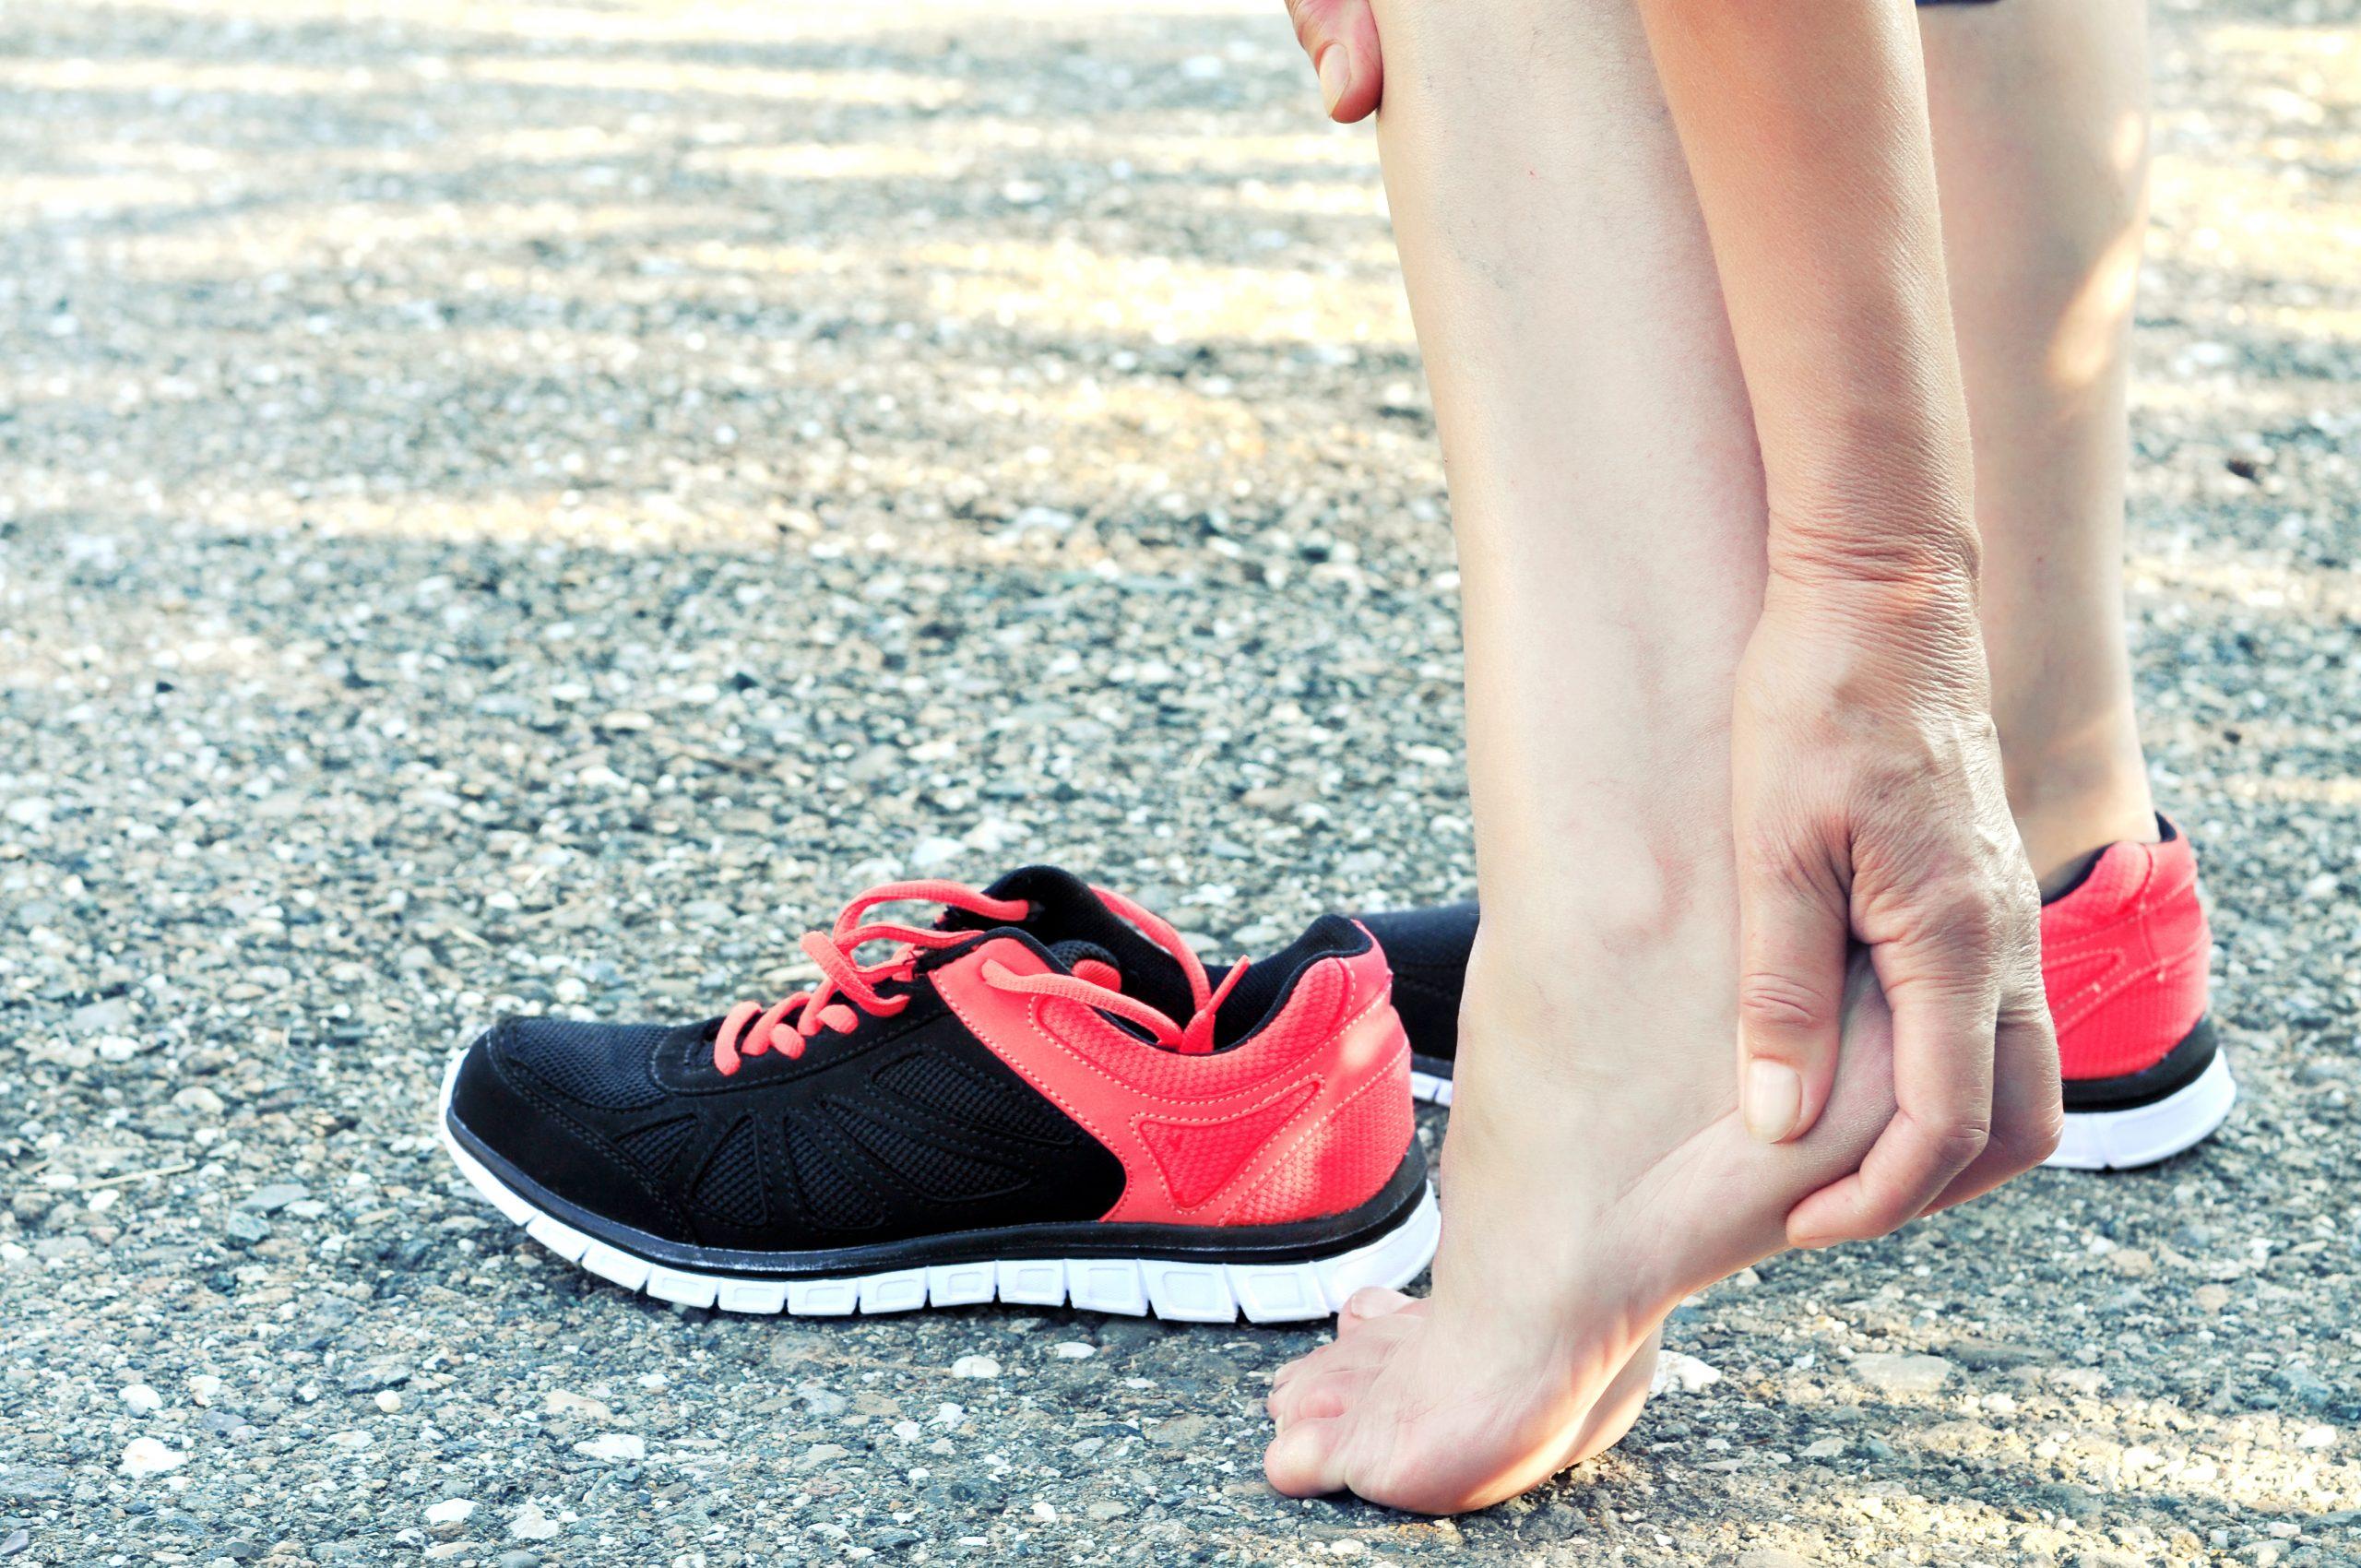 articulațiile picioarelor doare cum să amelioreze durerea cumpărați preparate de colagen pentru articulații